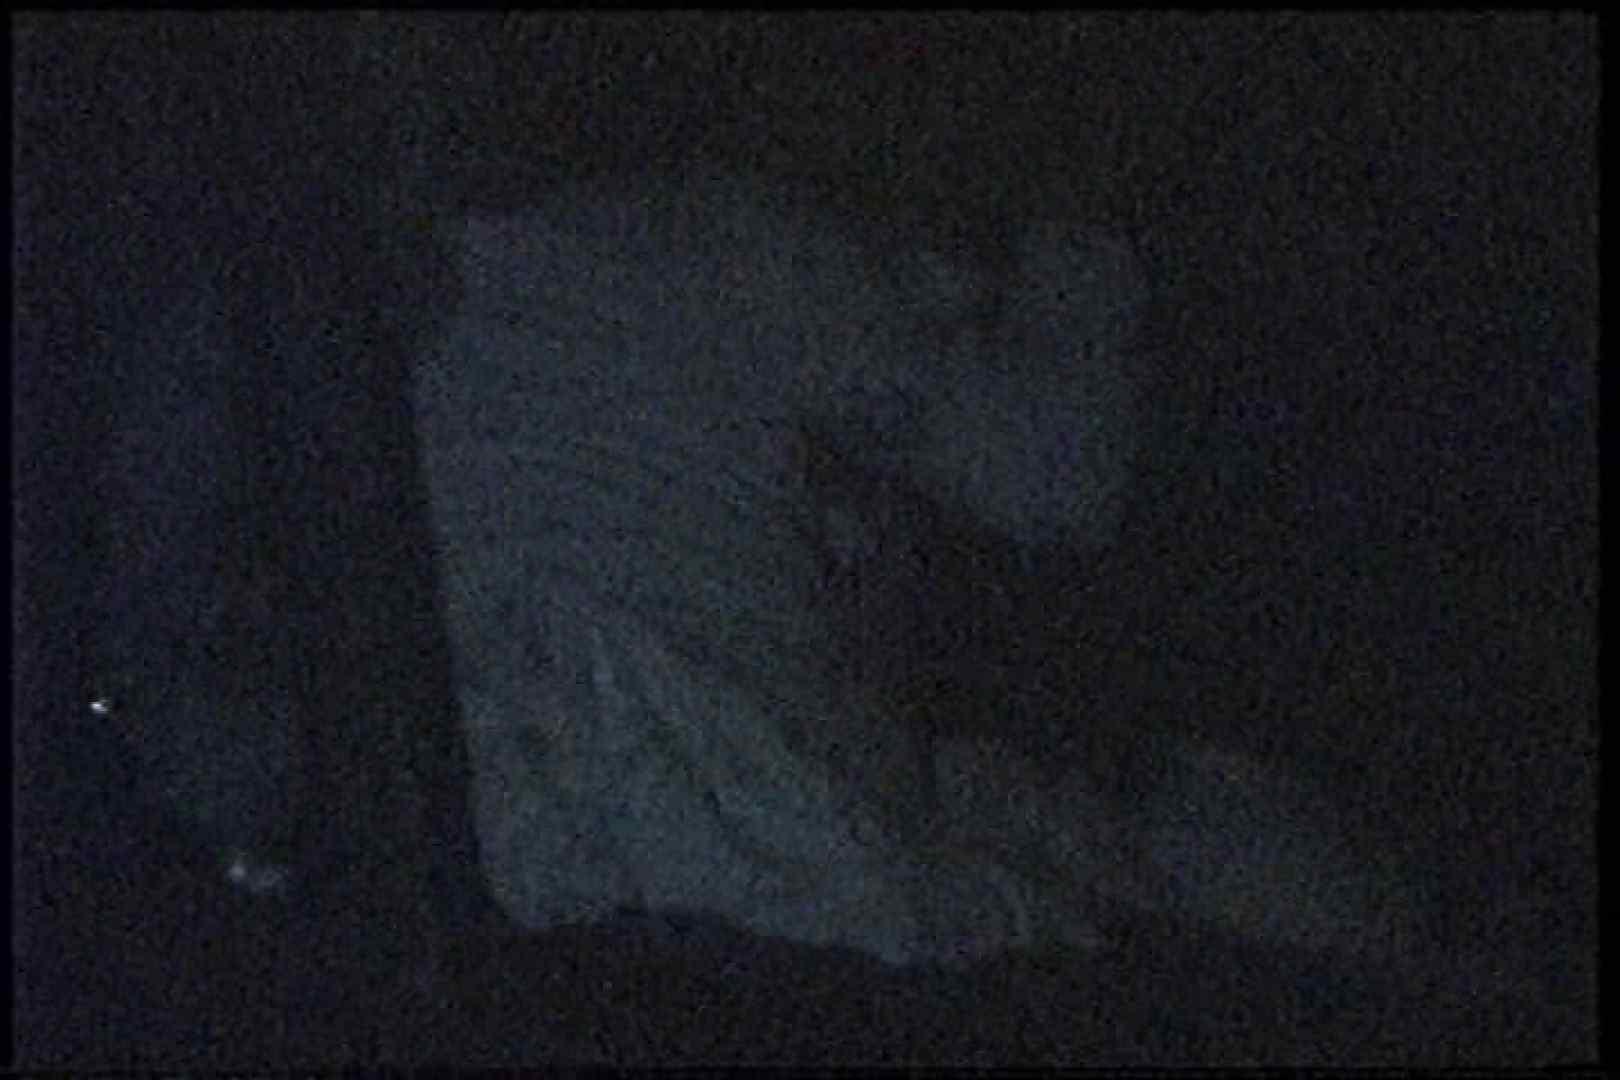 充血監督の深夜の運動会Vol.199 おまんこ | OLヌード天国  104PIX 61